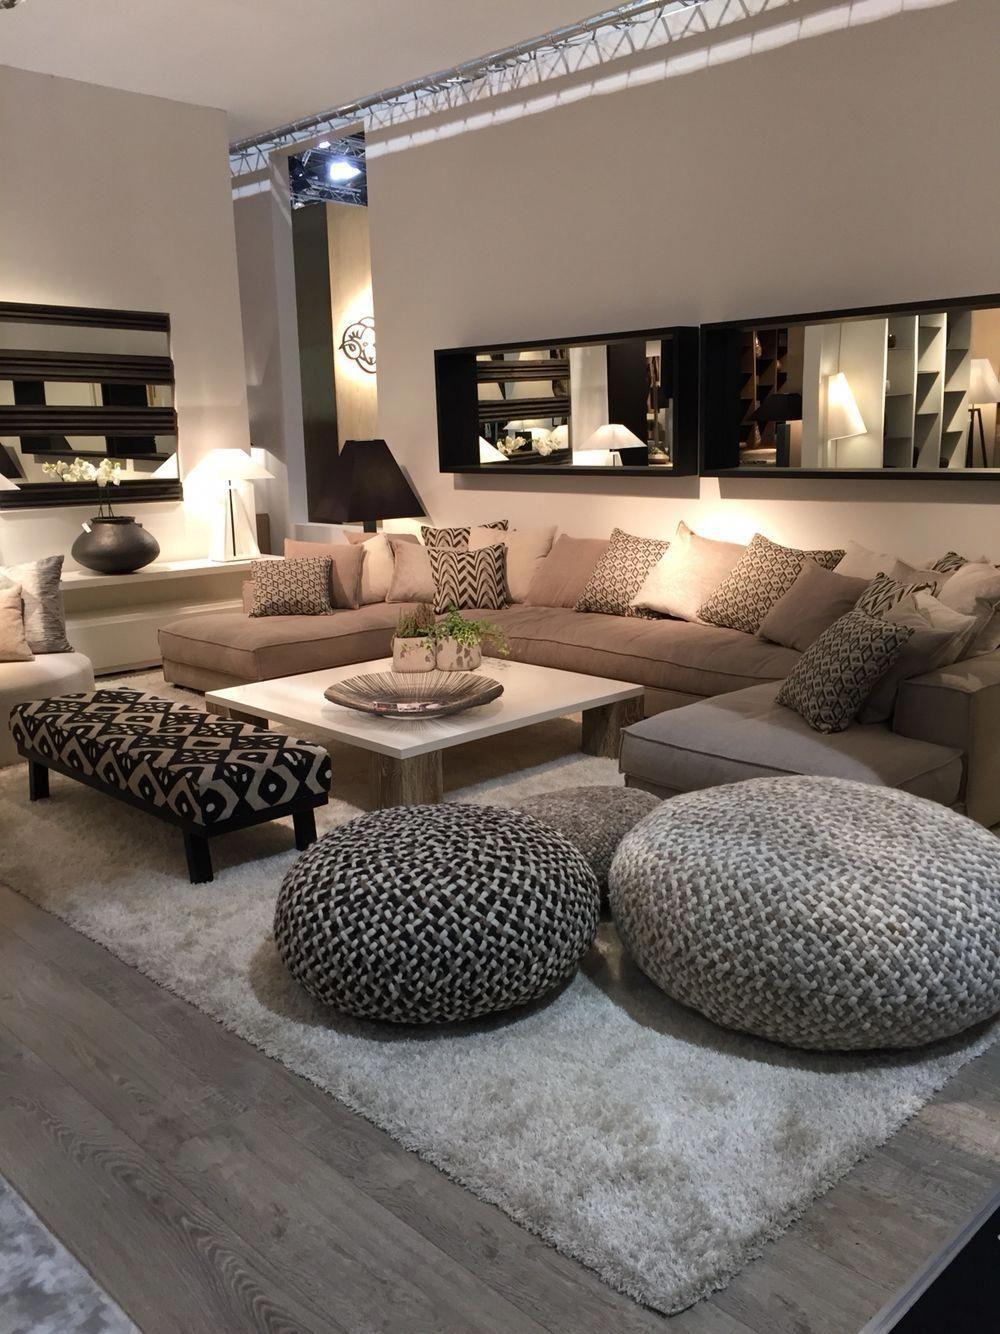 Home Decor Shopper - Living Room